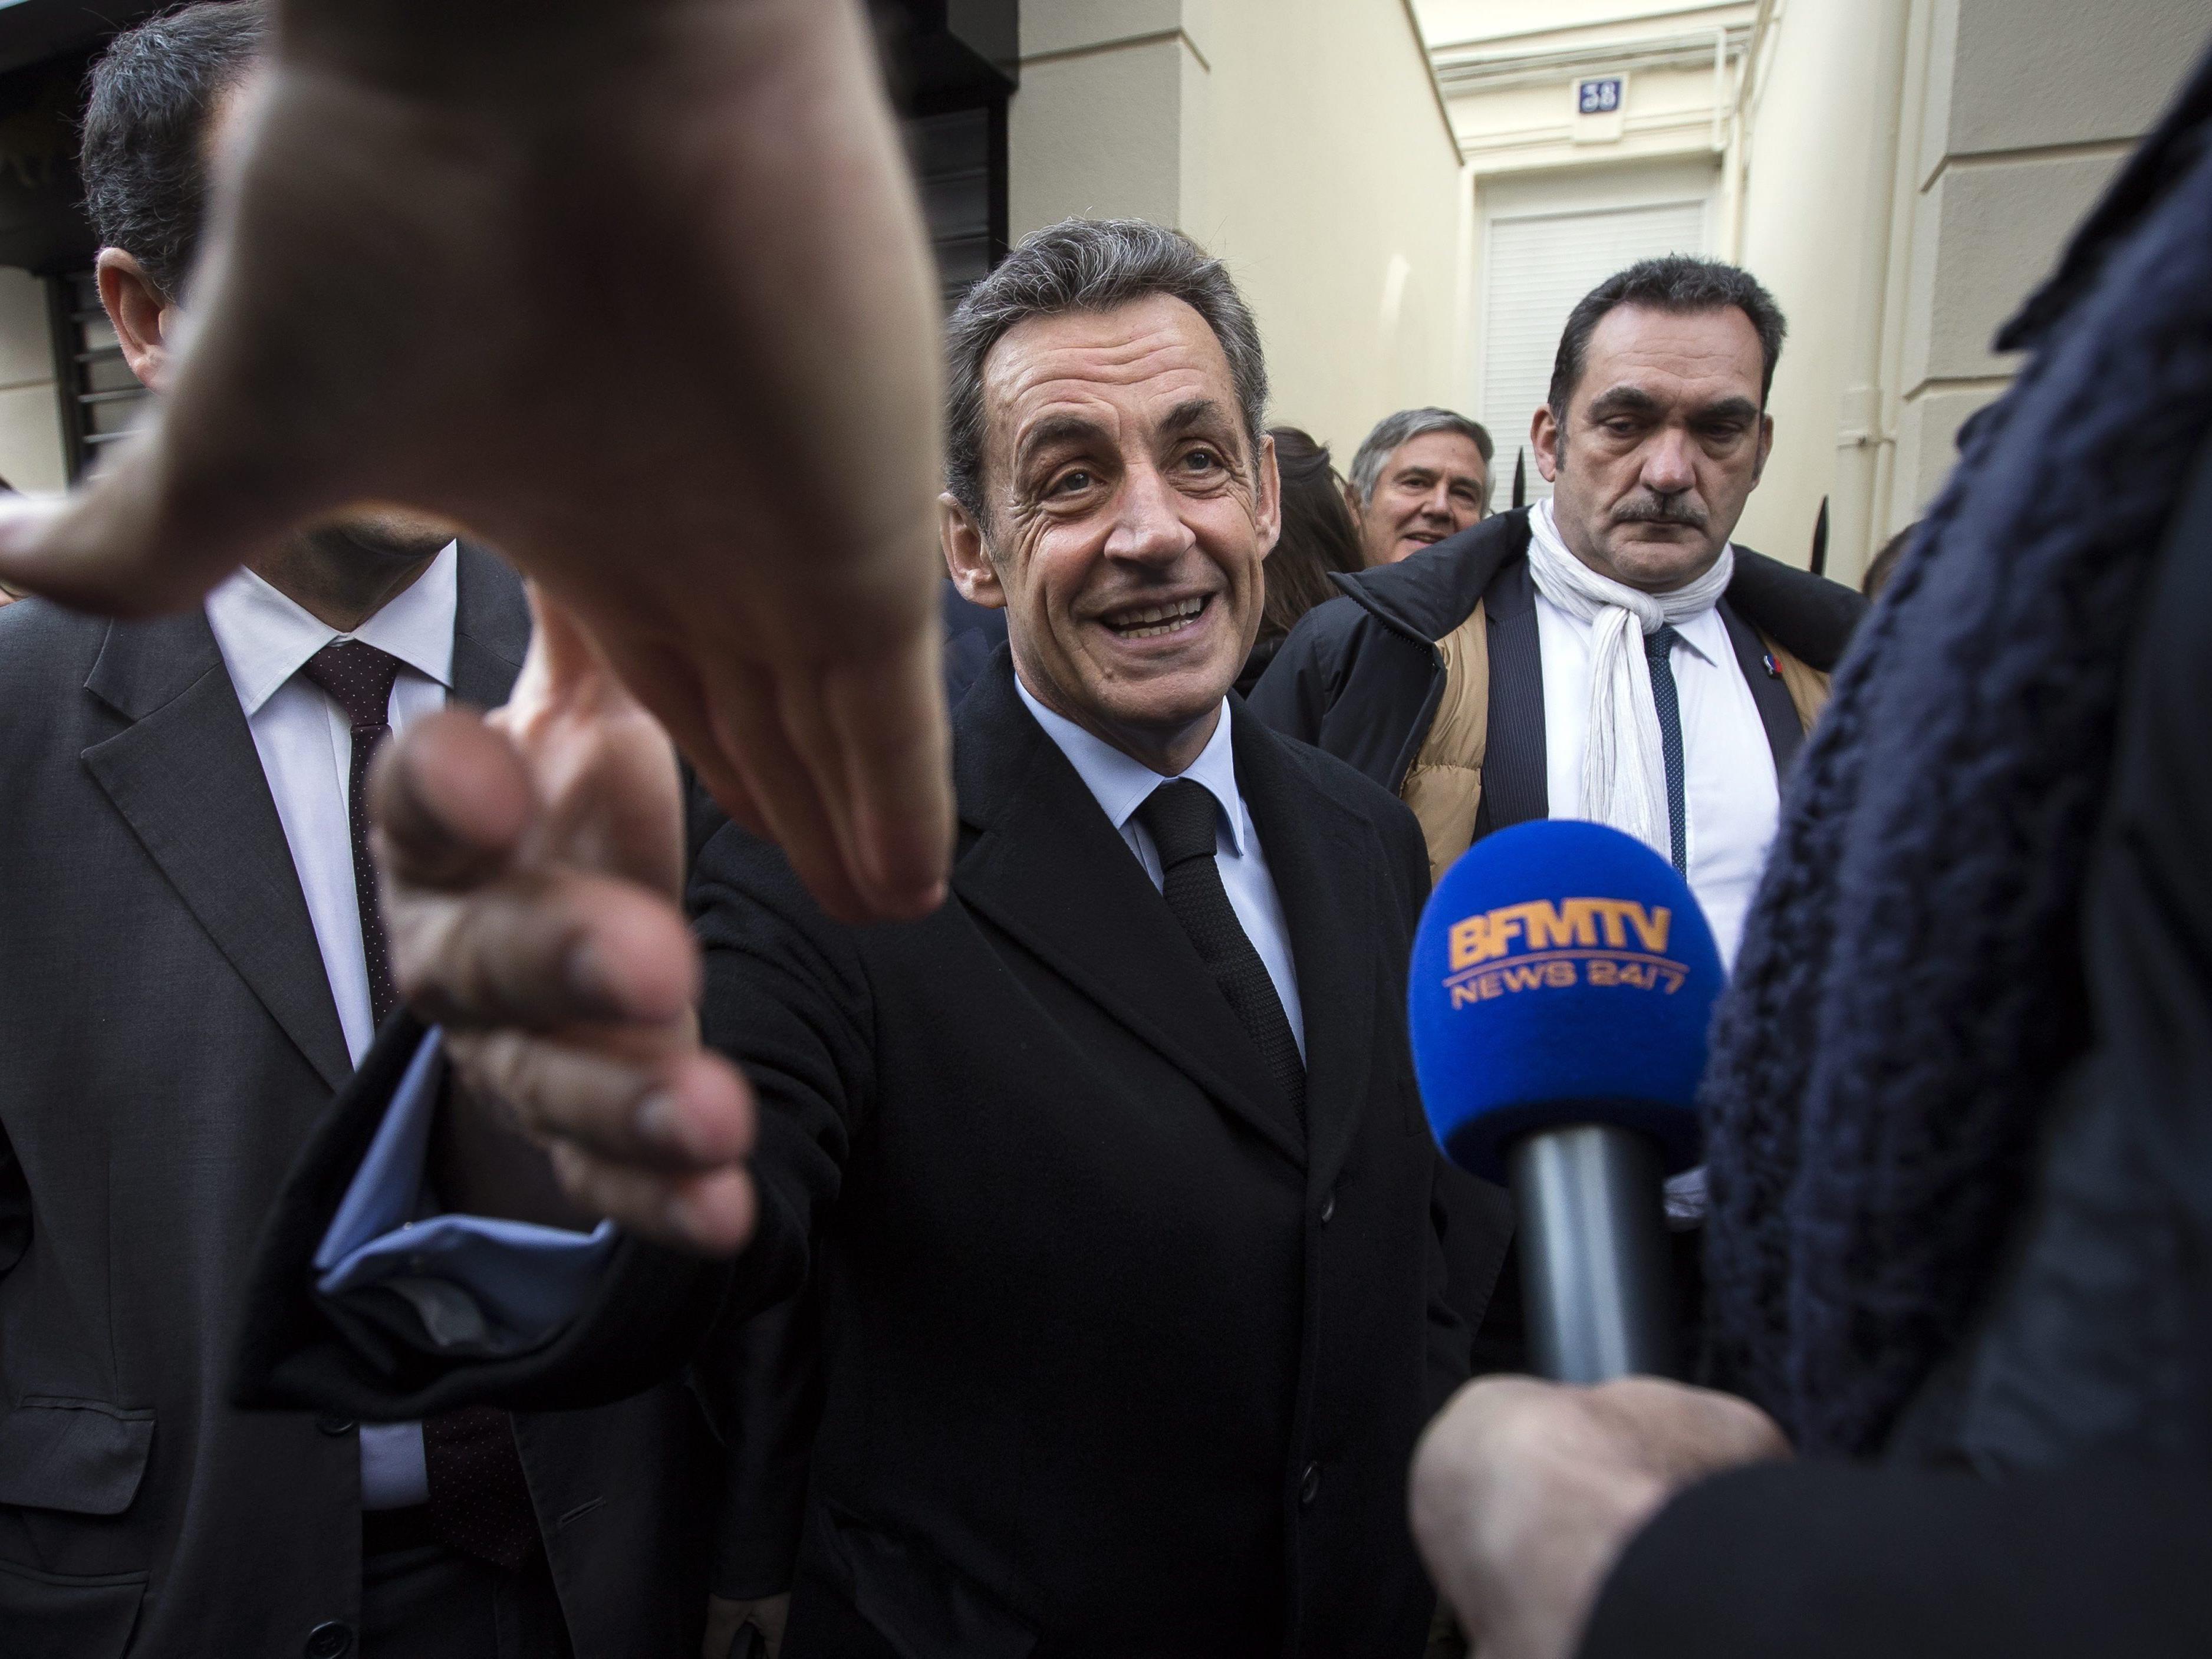 Sarkozy dürfte eine Kandidatur bei den französischen Präsidentschaftswahlen 2017 anstreben.